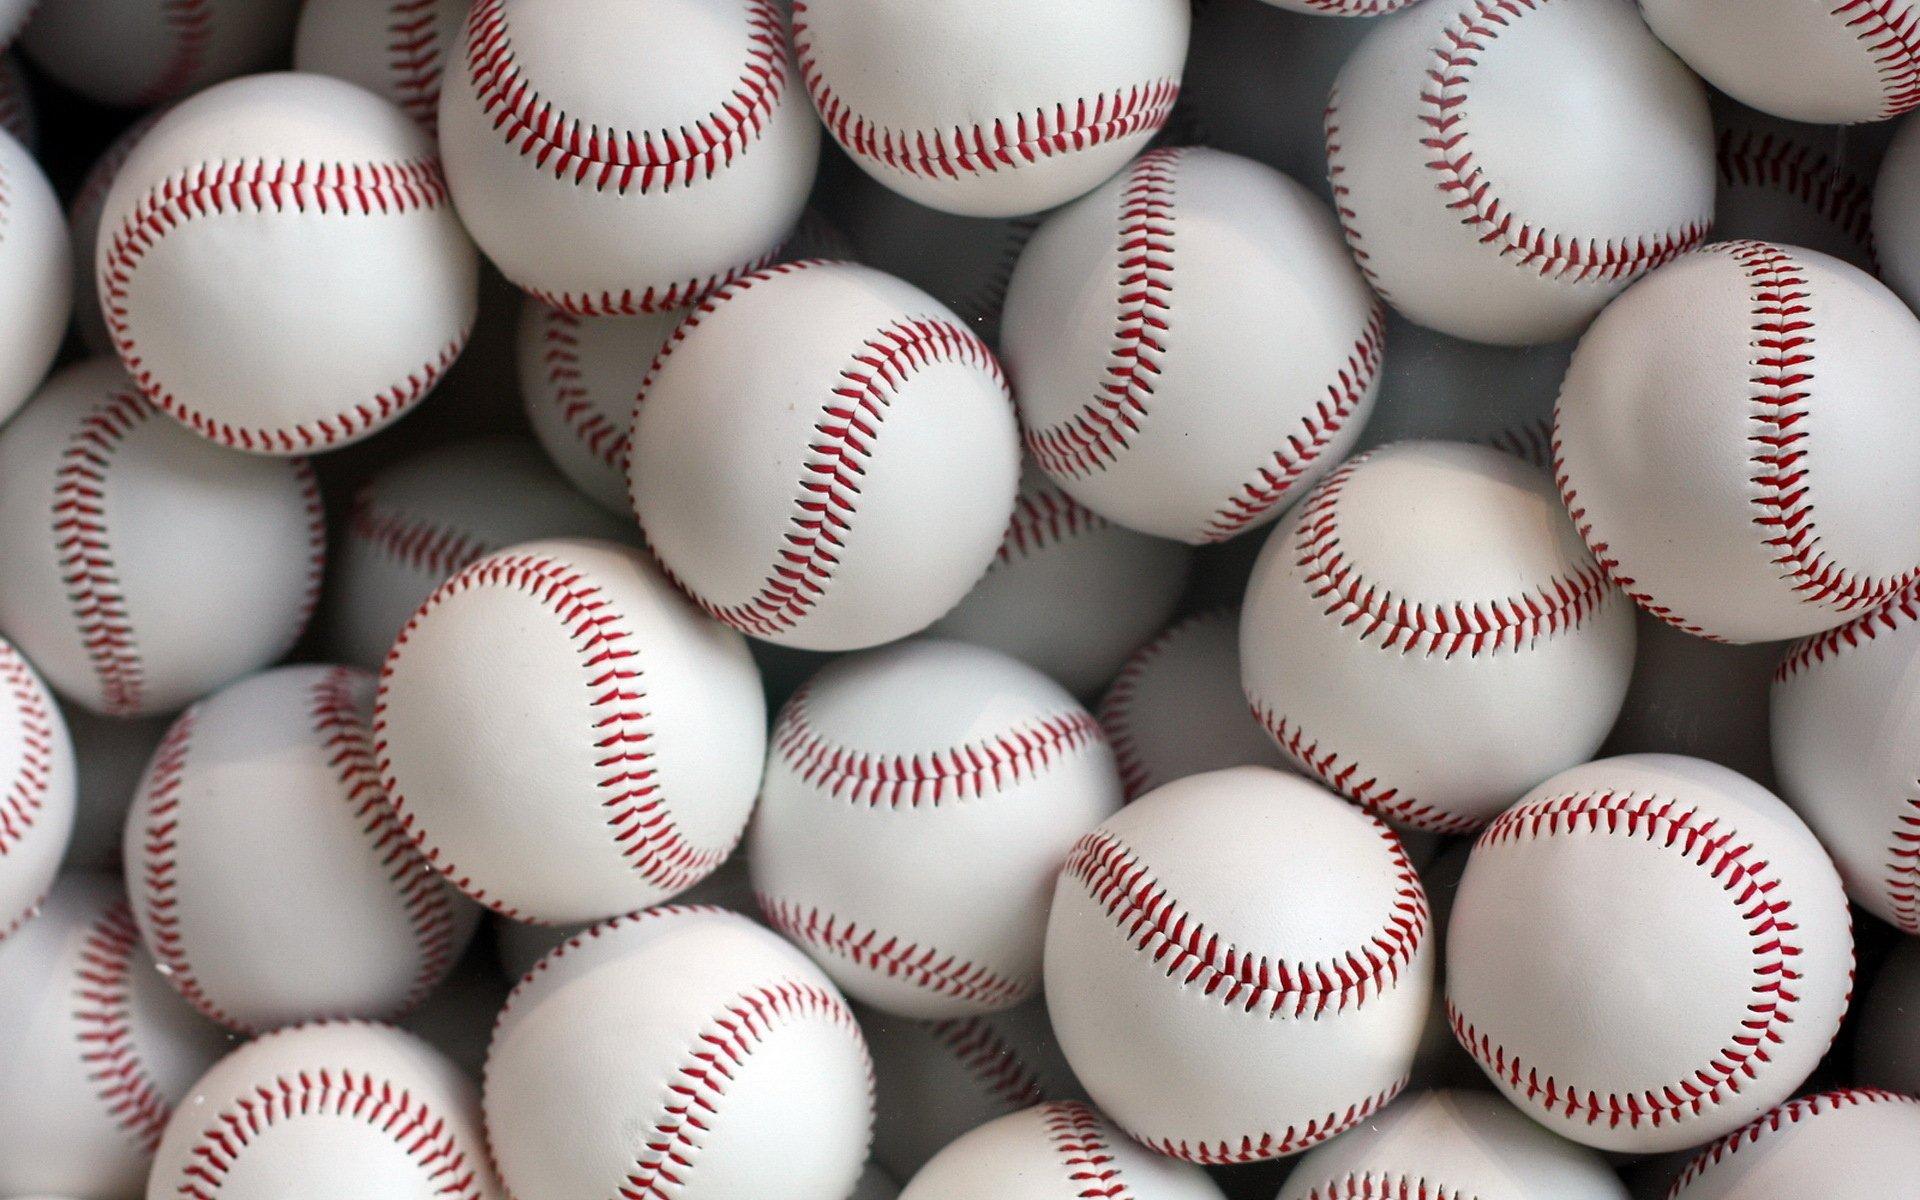 baseballs up close desktop hd wallpaper 62220